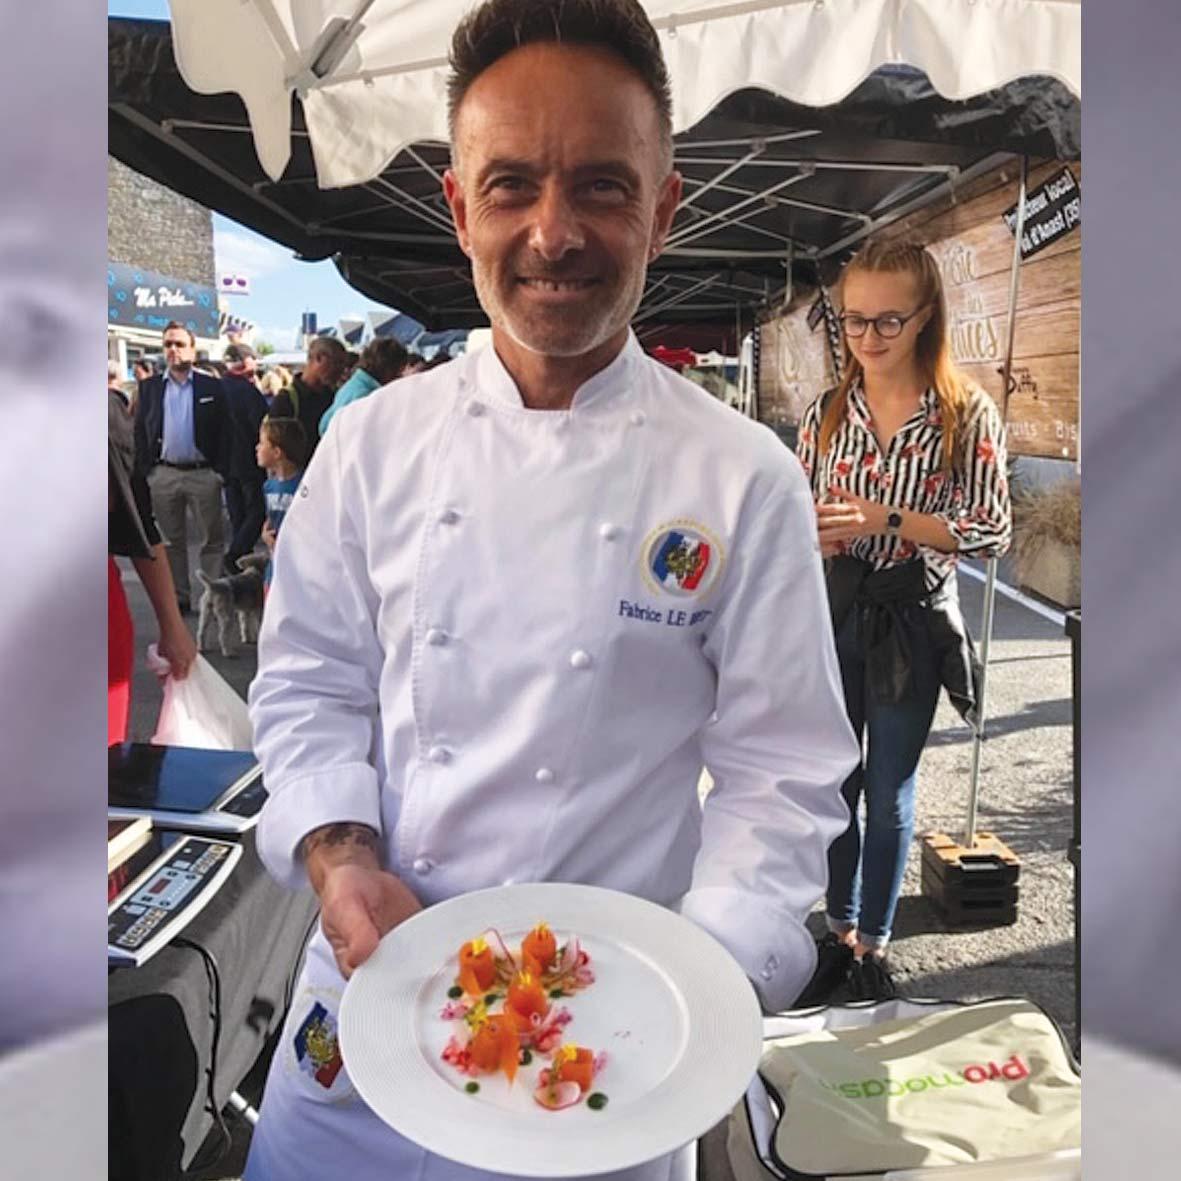 Le Fumoir de St -Cast vous propose cette délicieuse recette préparée par le Chef Fabrice Le Bret